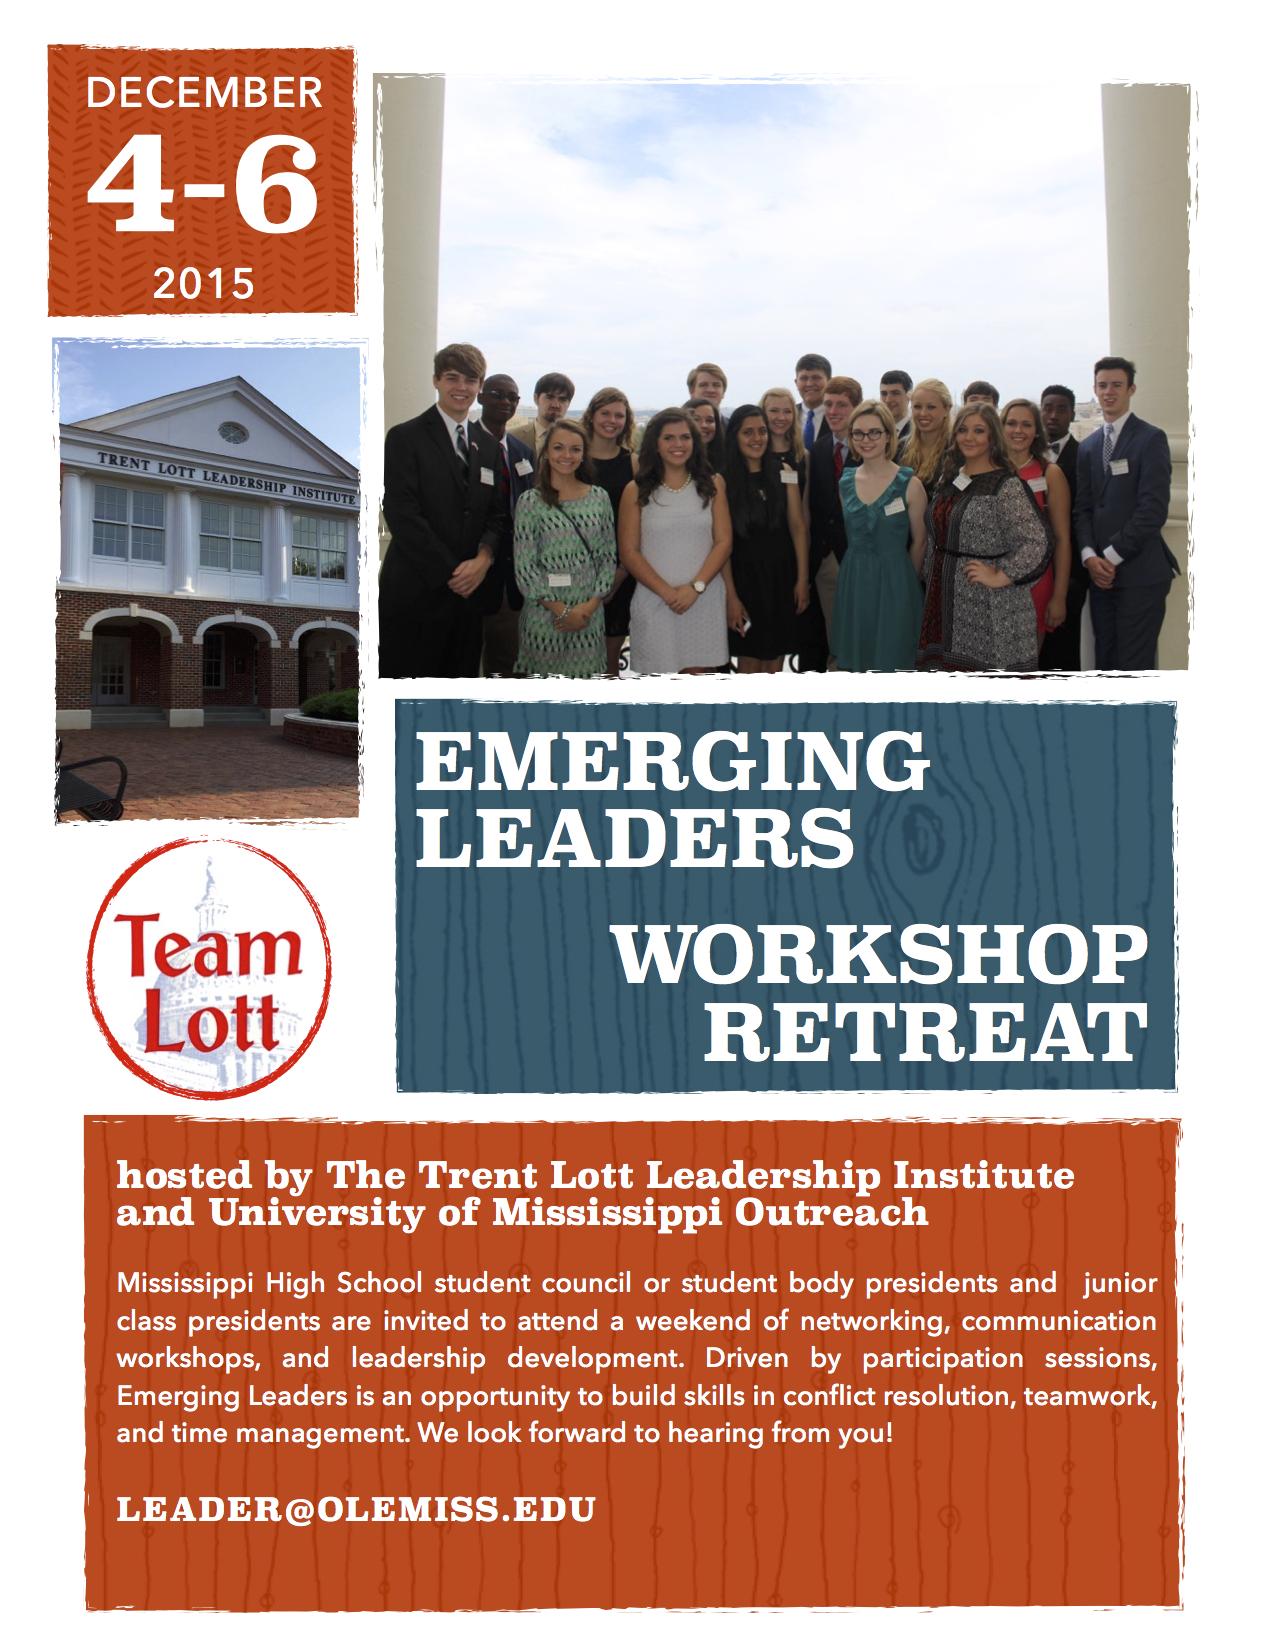 Emerging Leaders